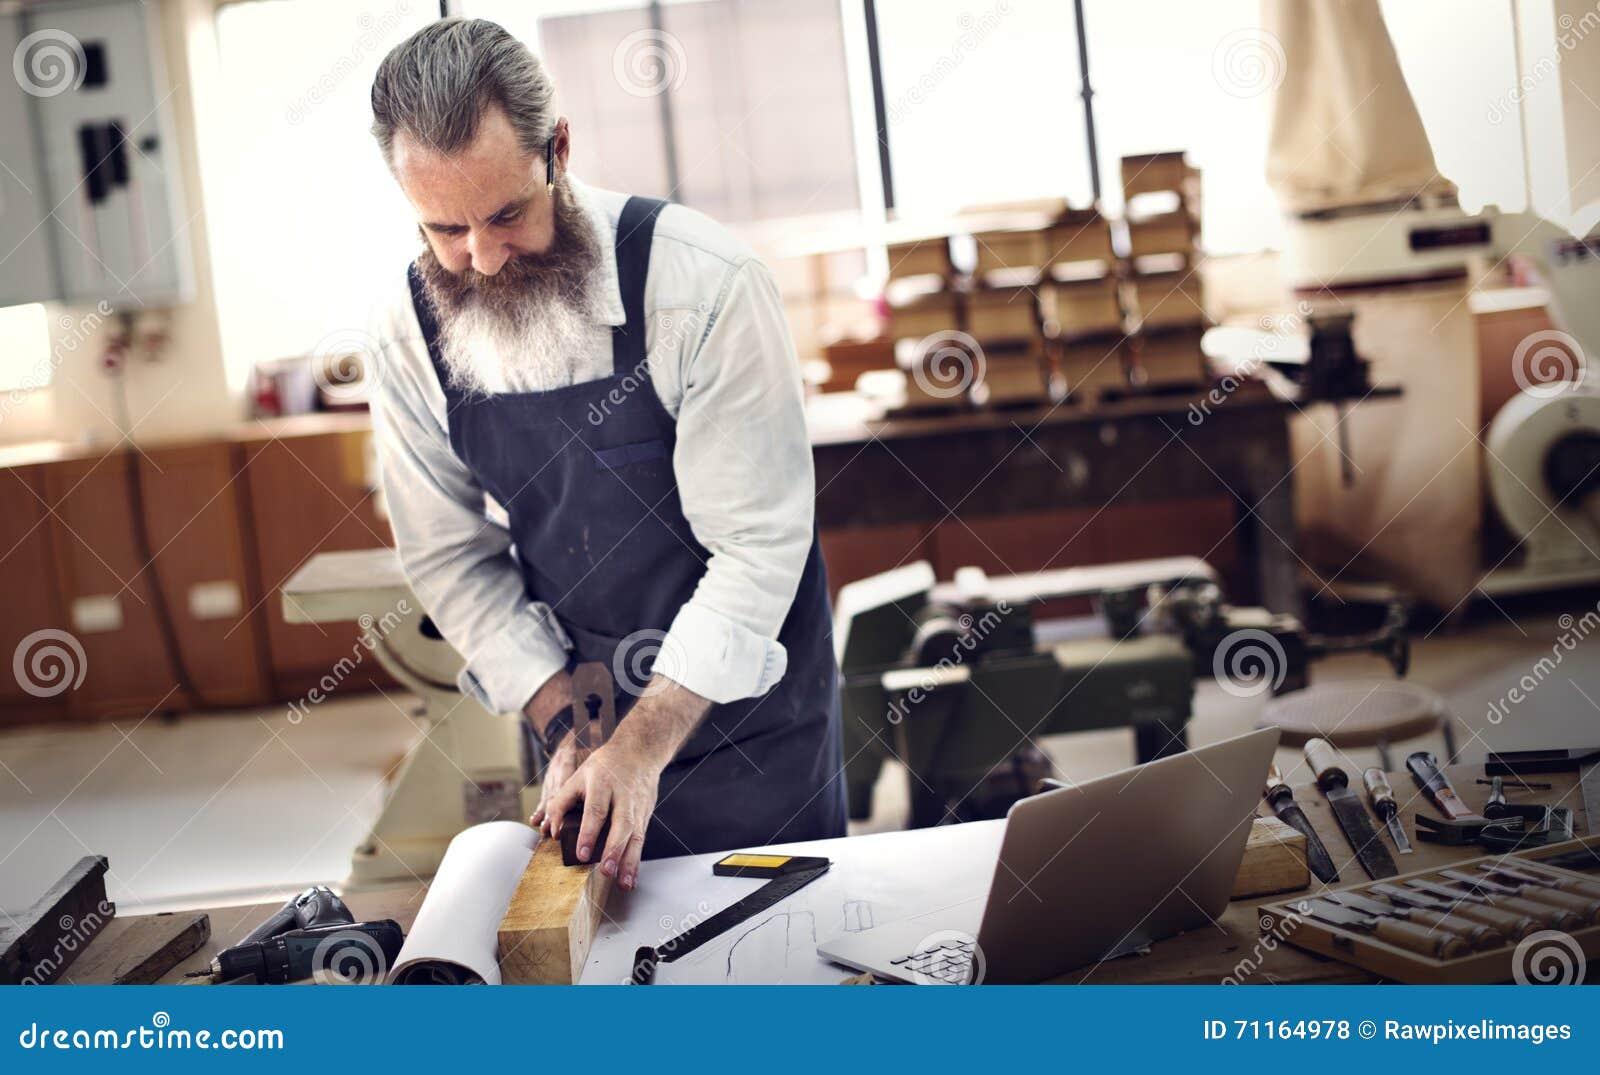 Conceito de Occupation Craftsmanship Carpentry do trabalhador manual